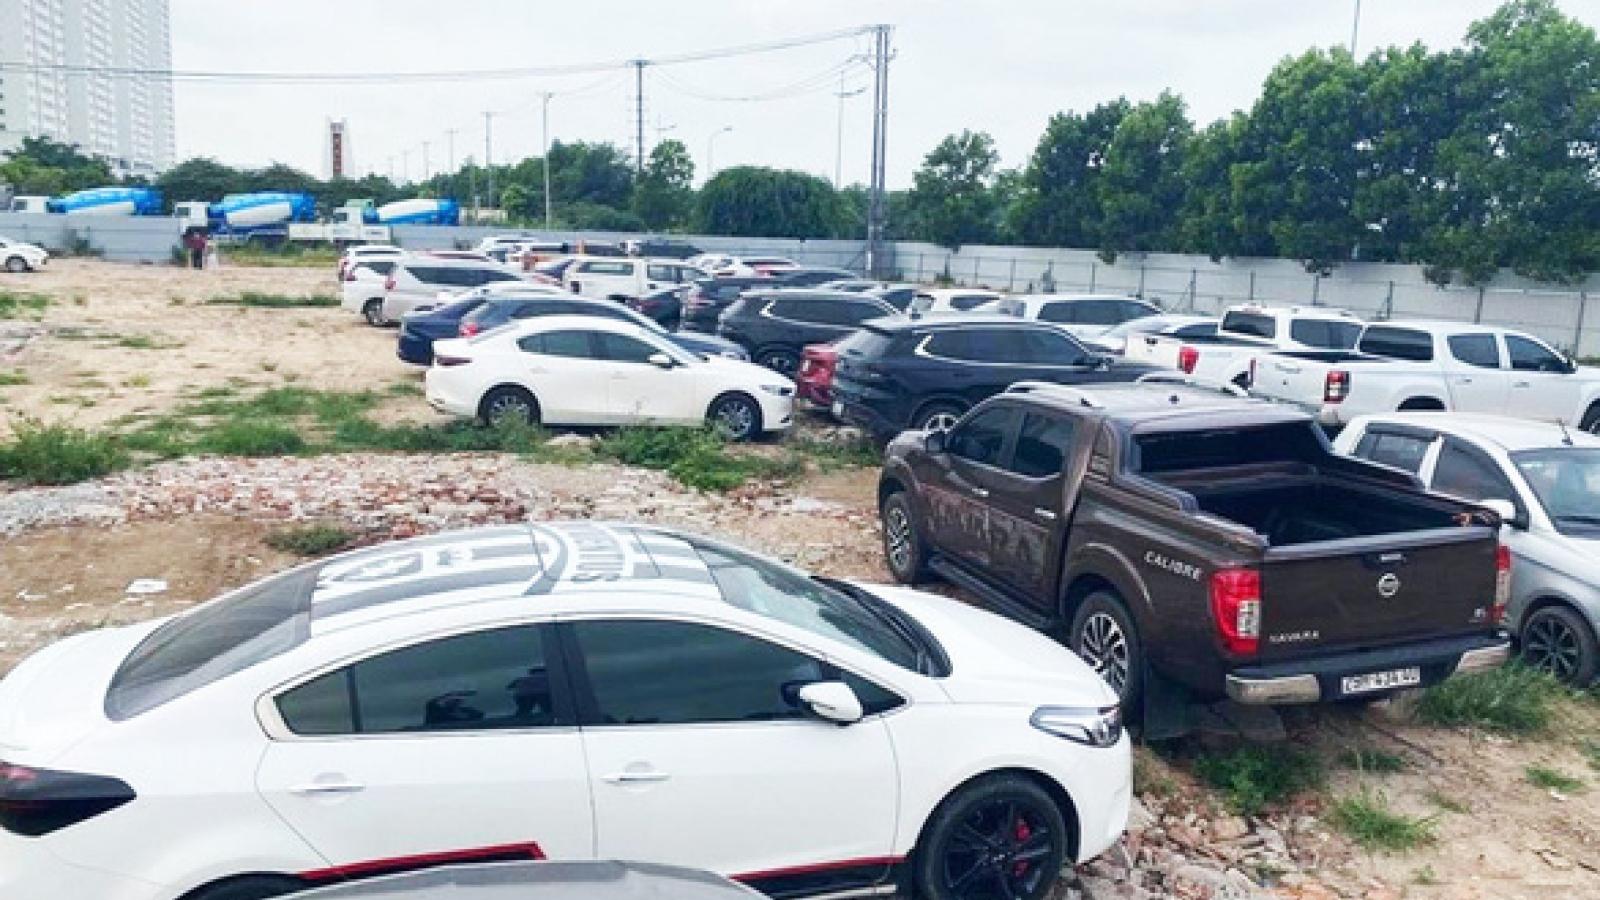 Đường dây tiêu thụ gần 100 xe ô tô trộm cắp ở Hà Nội: Khởi tố 4 bị can